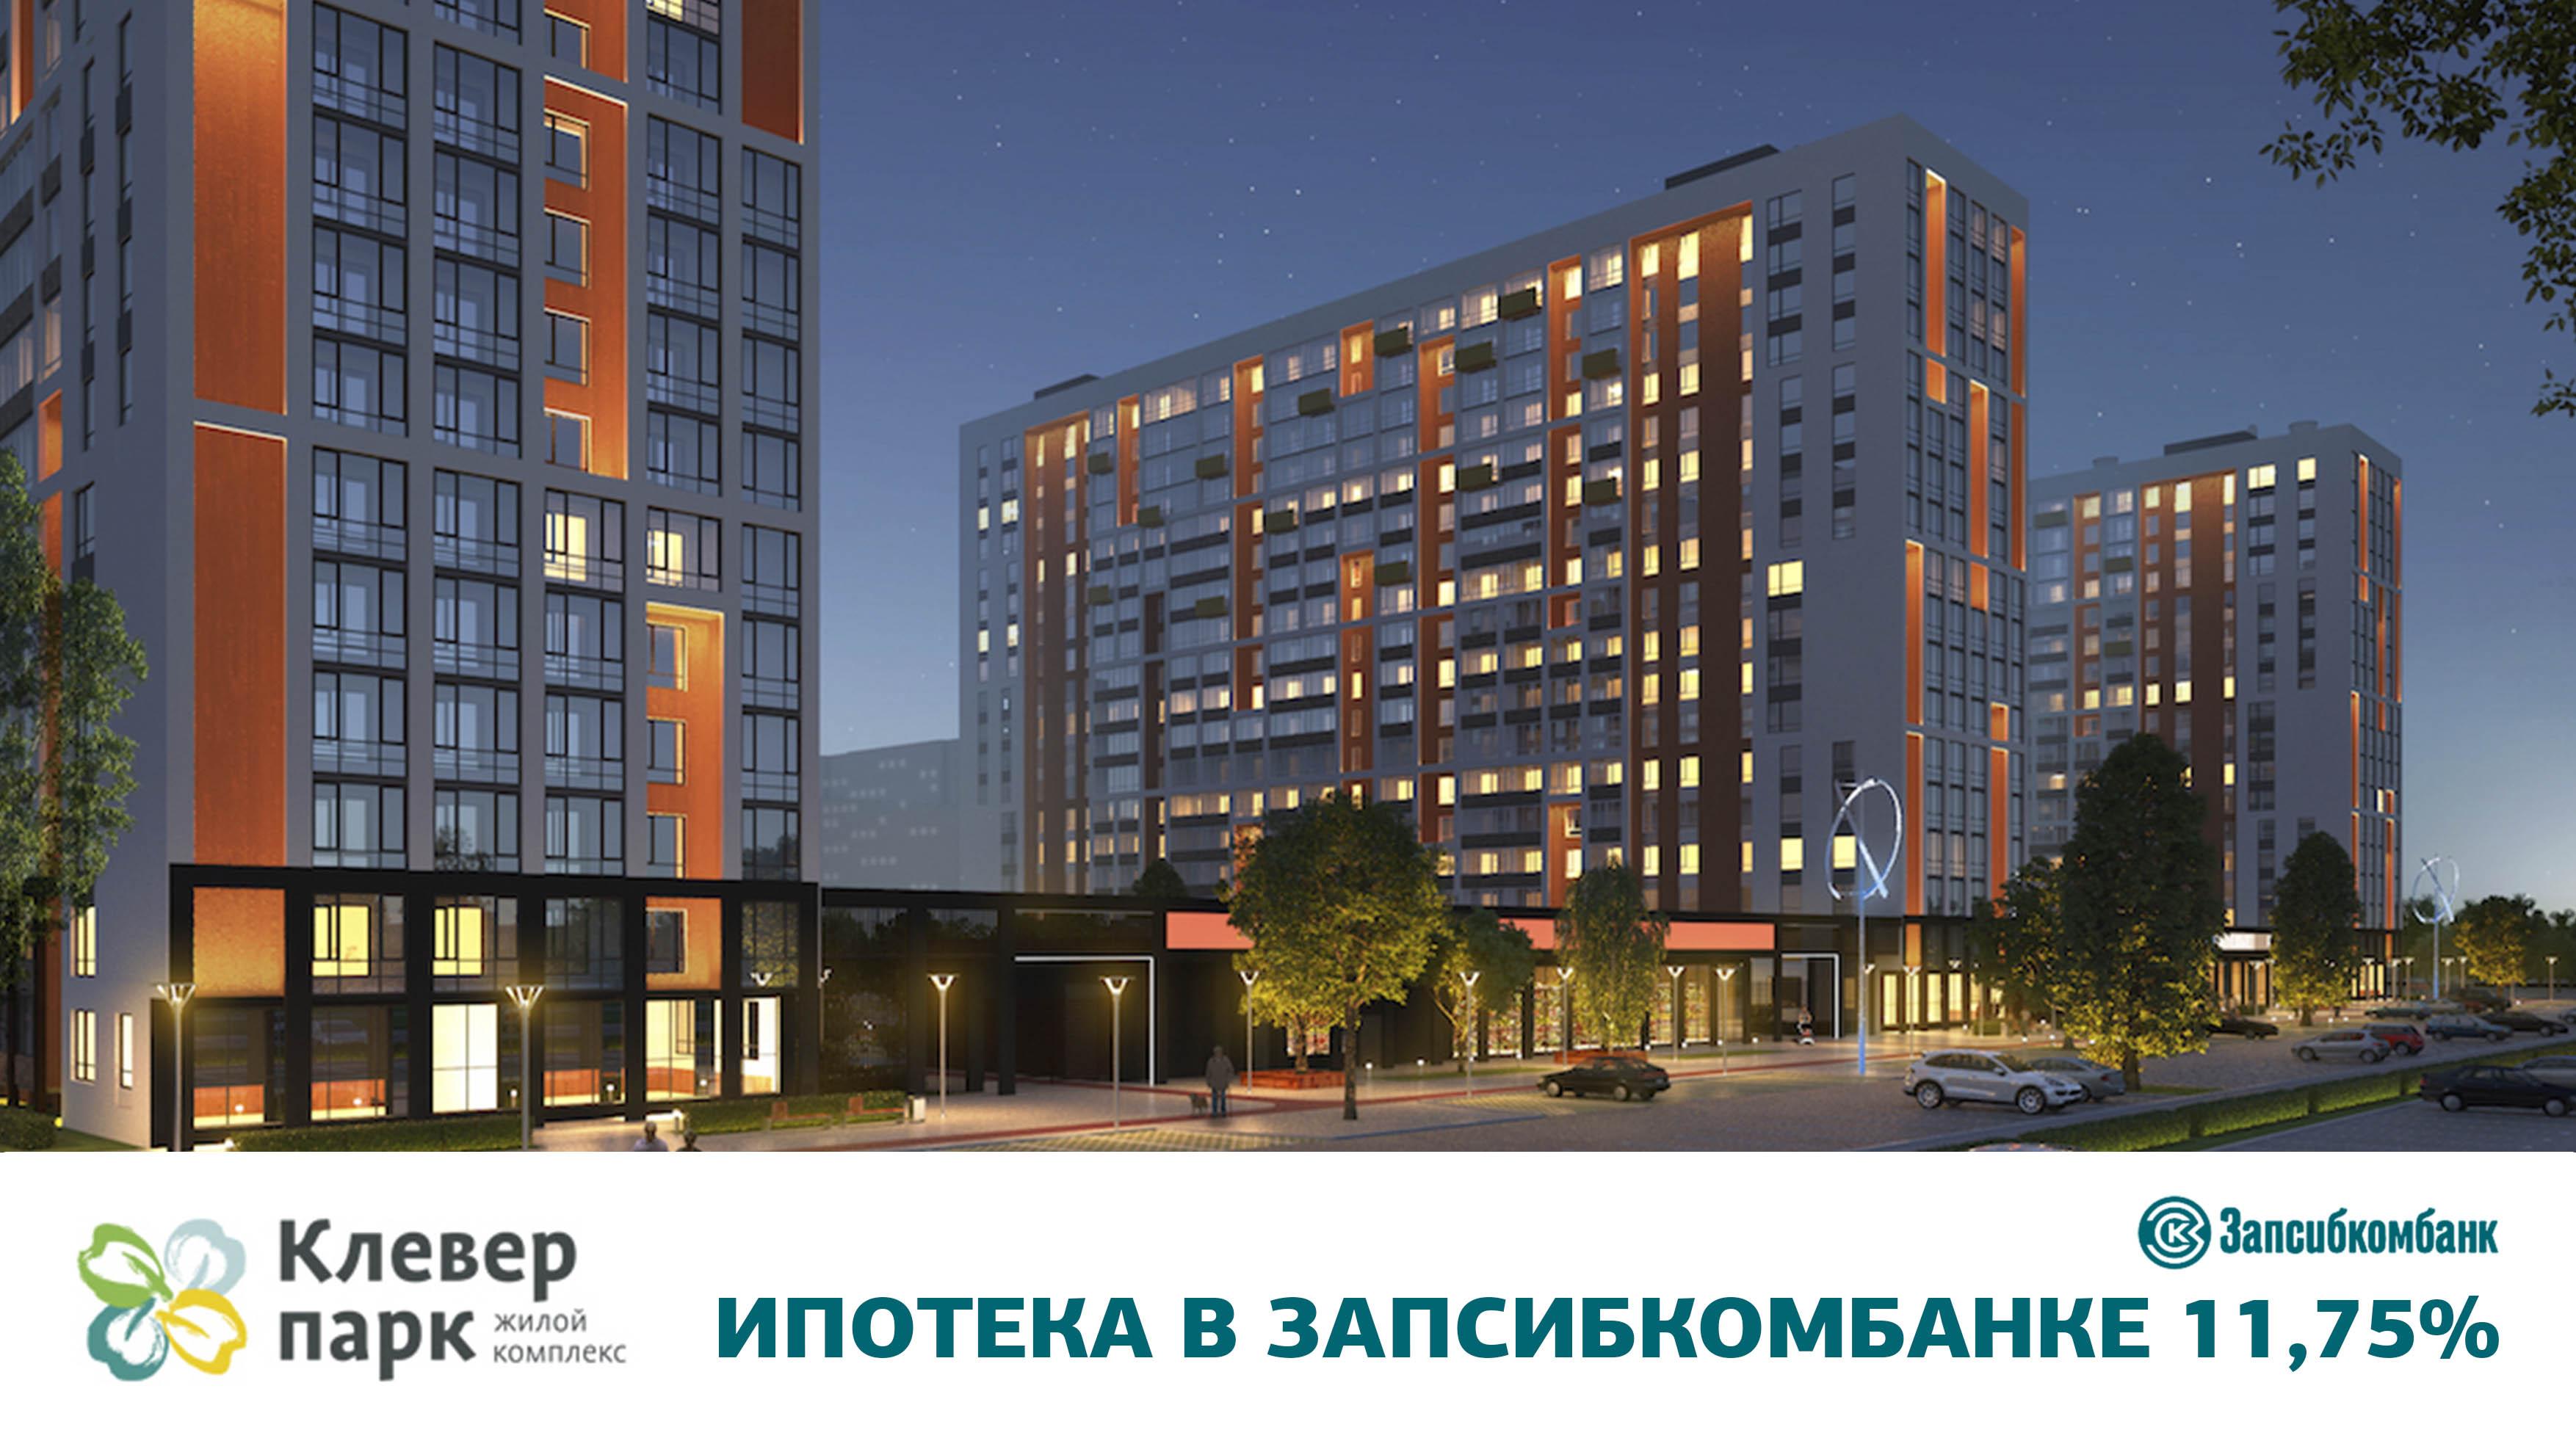 Ипотека на квартиры в ЖК «Клевер-Парк» теперь доступна в «Запсибкомбанке»